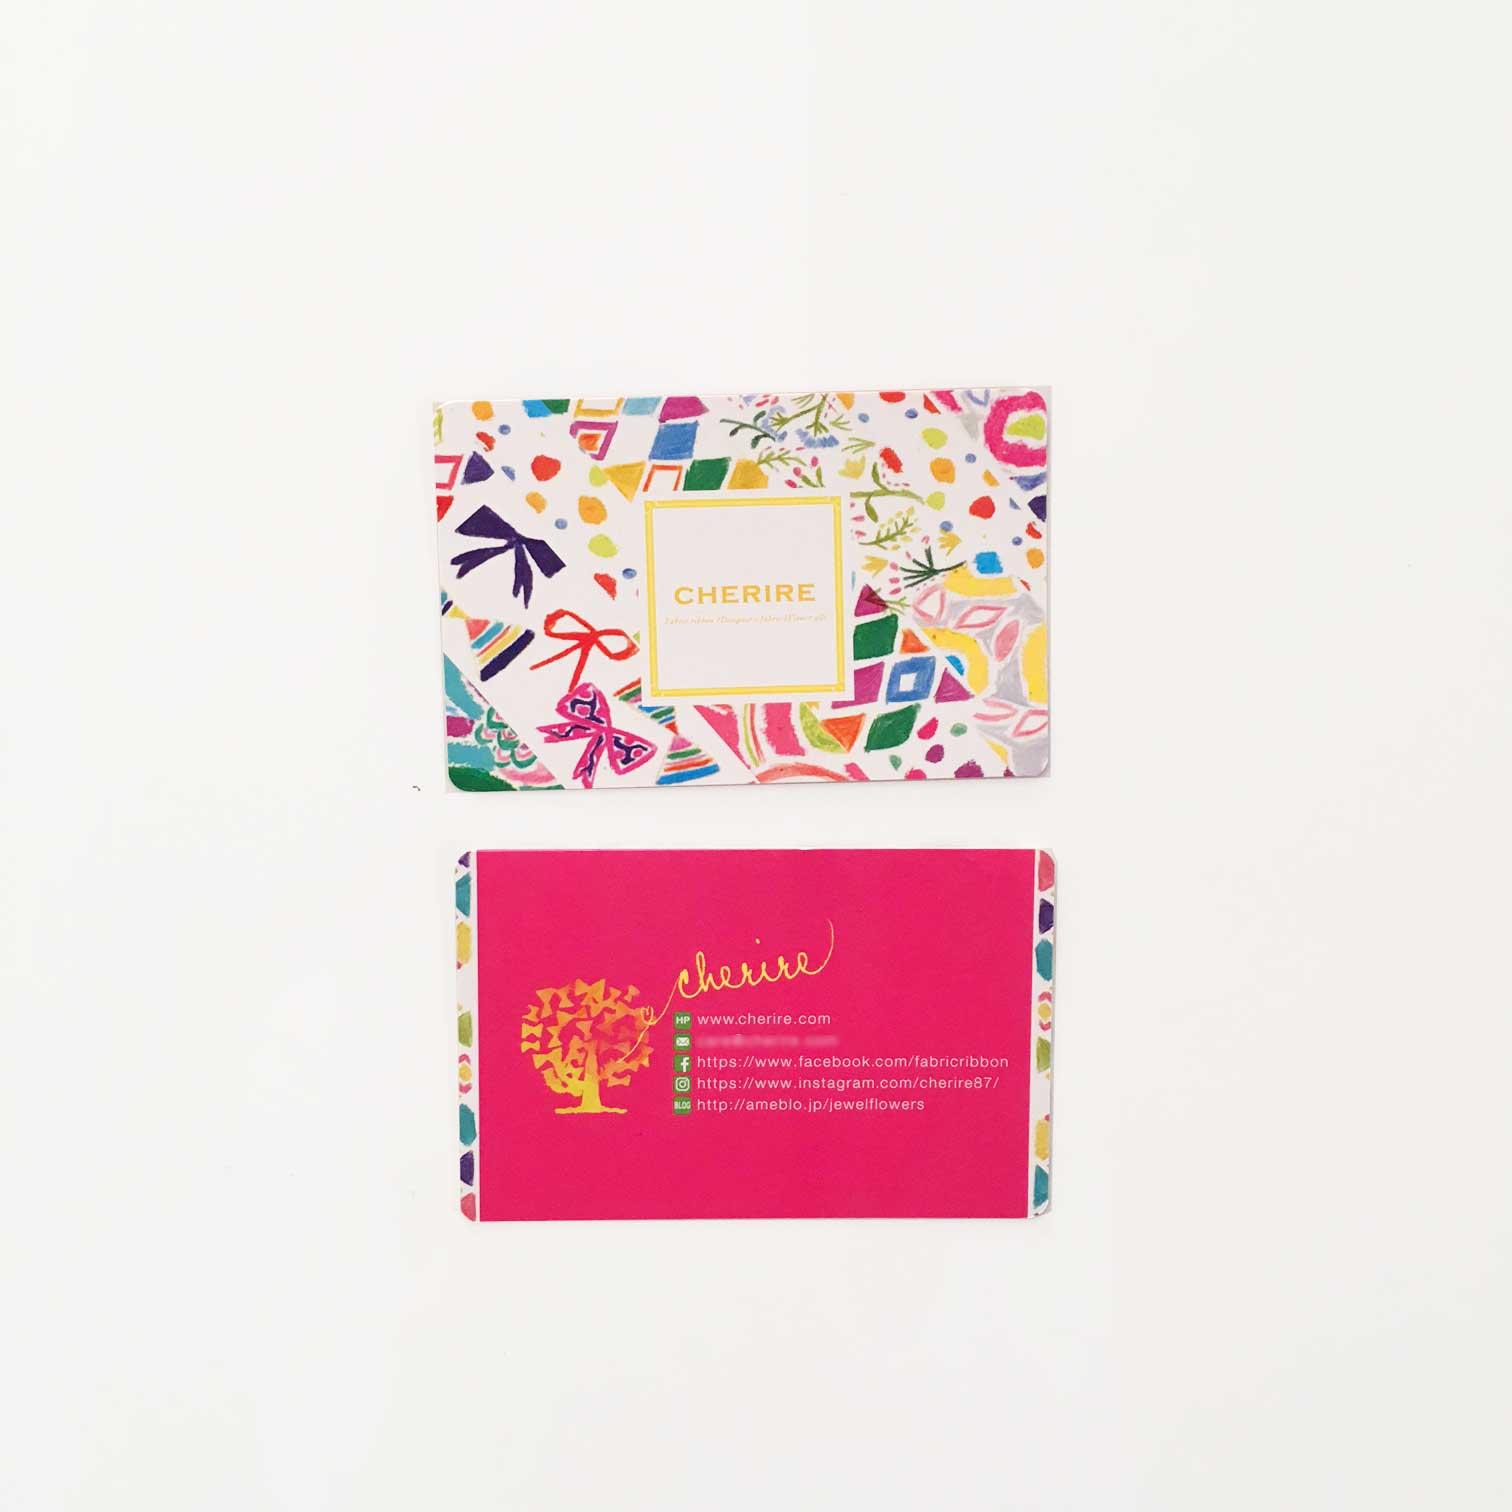 ファブリックリボンSHOPのカード制作